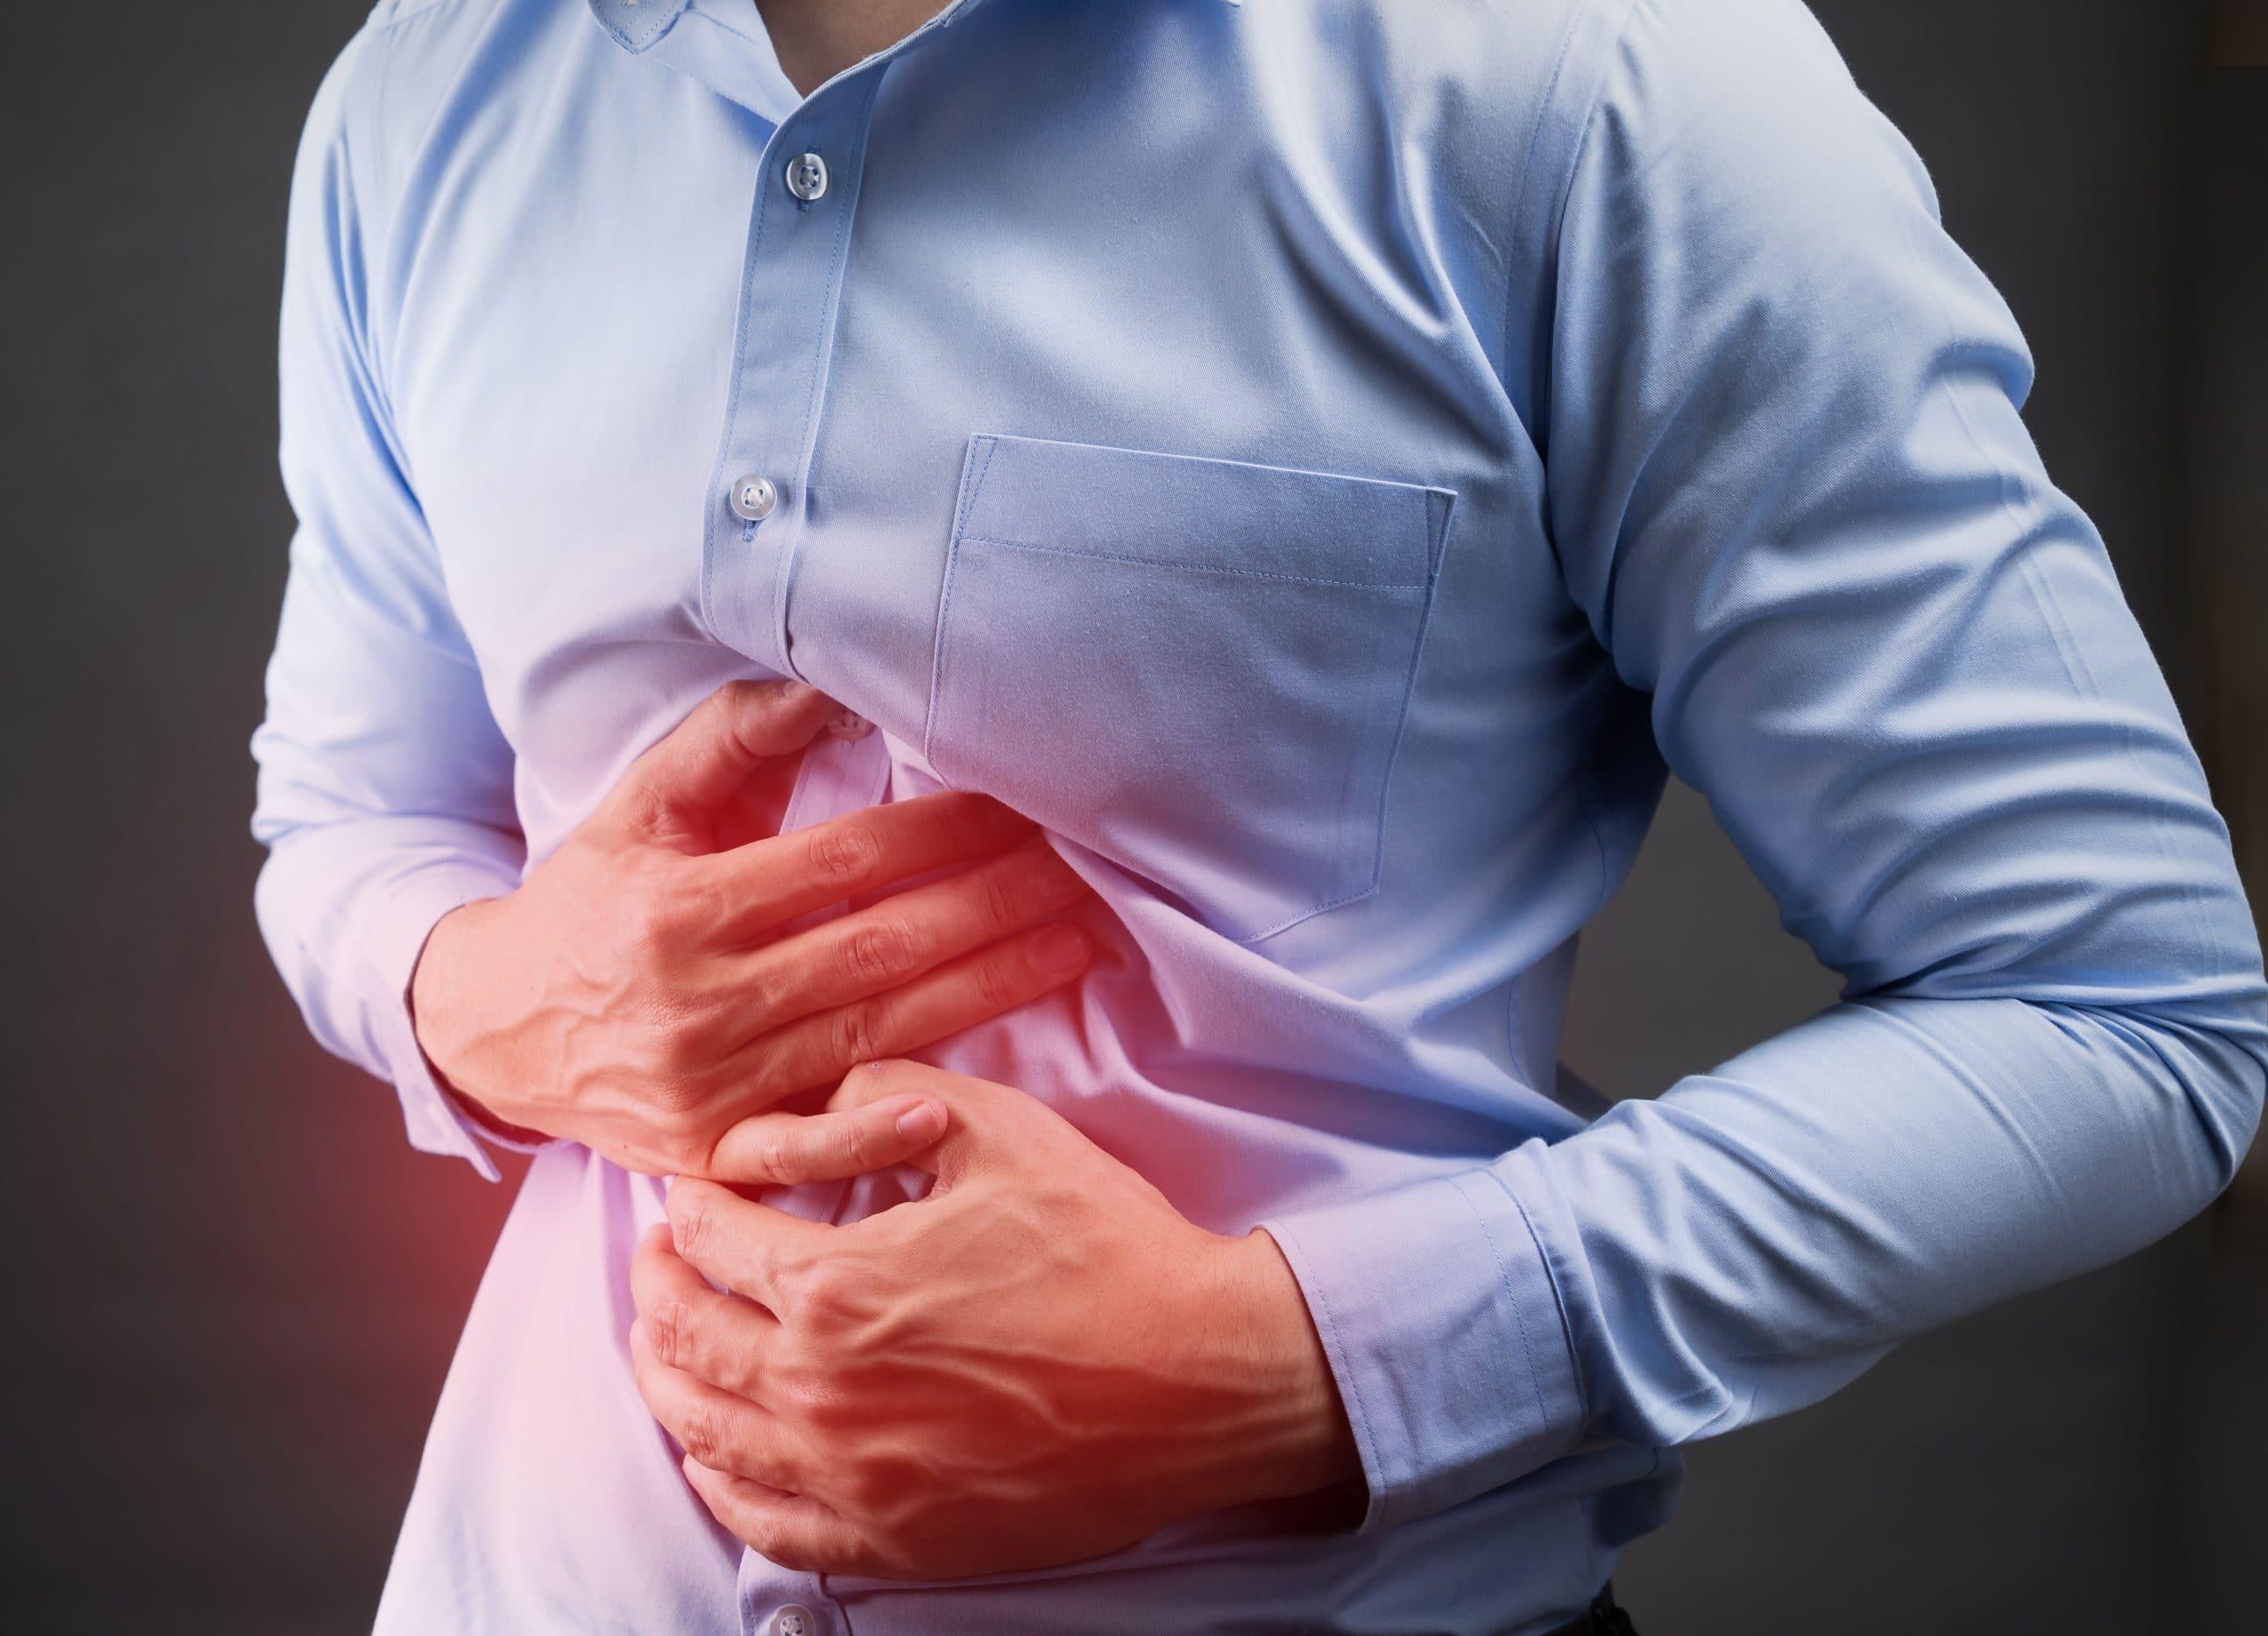 عقار أتورفاستاتين الذي يستخدم في خفض الكوليسترول يخفف أعراض التهاب القولون التقرحي